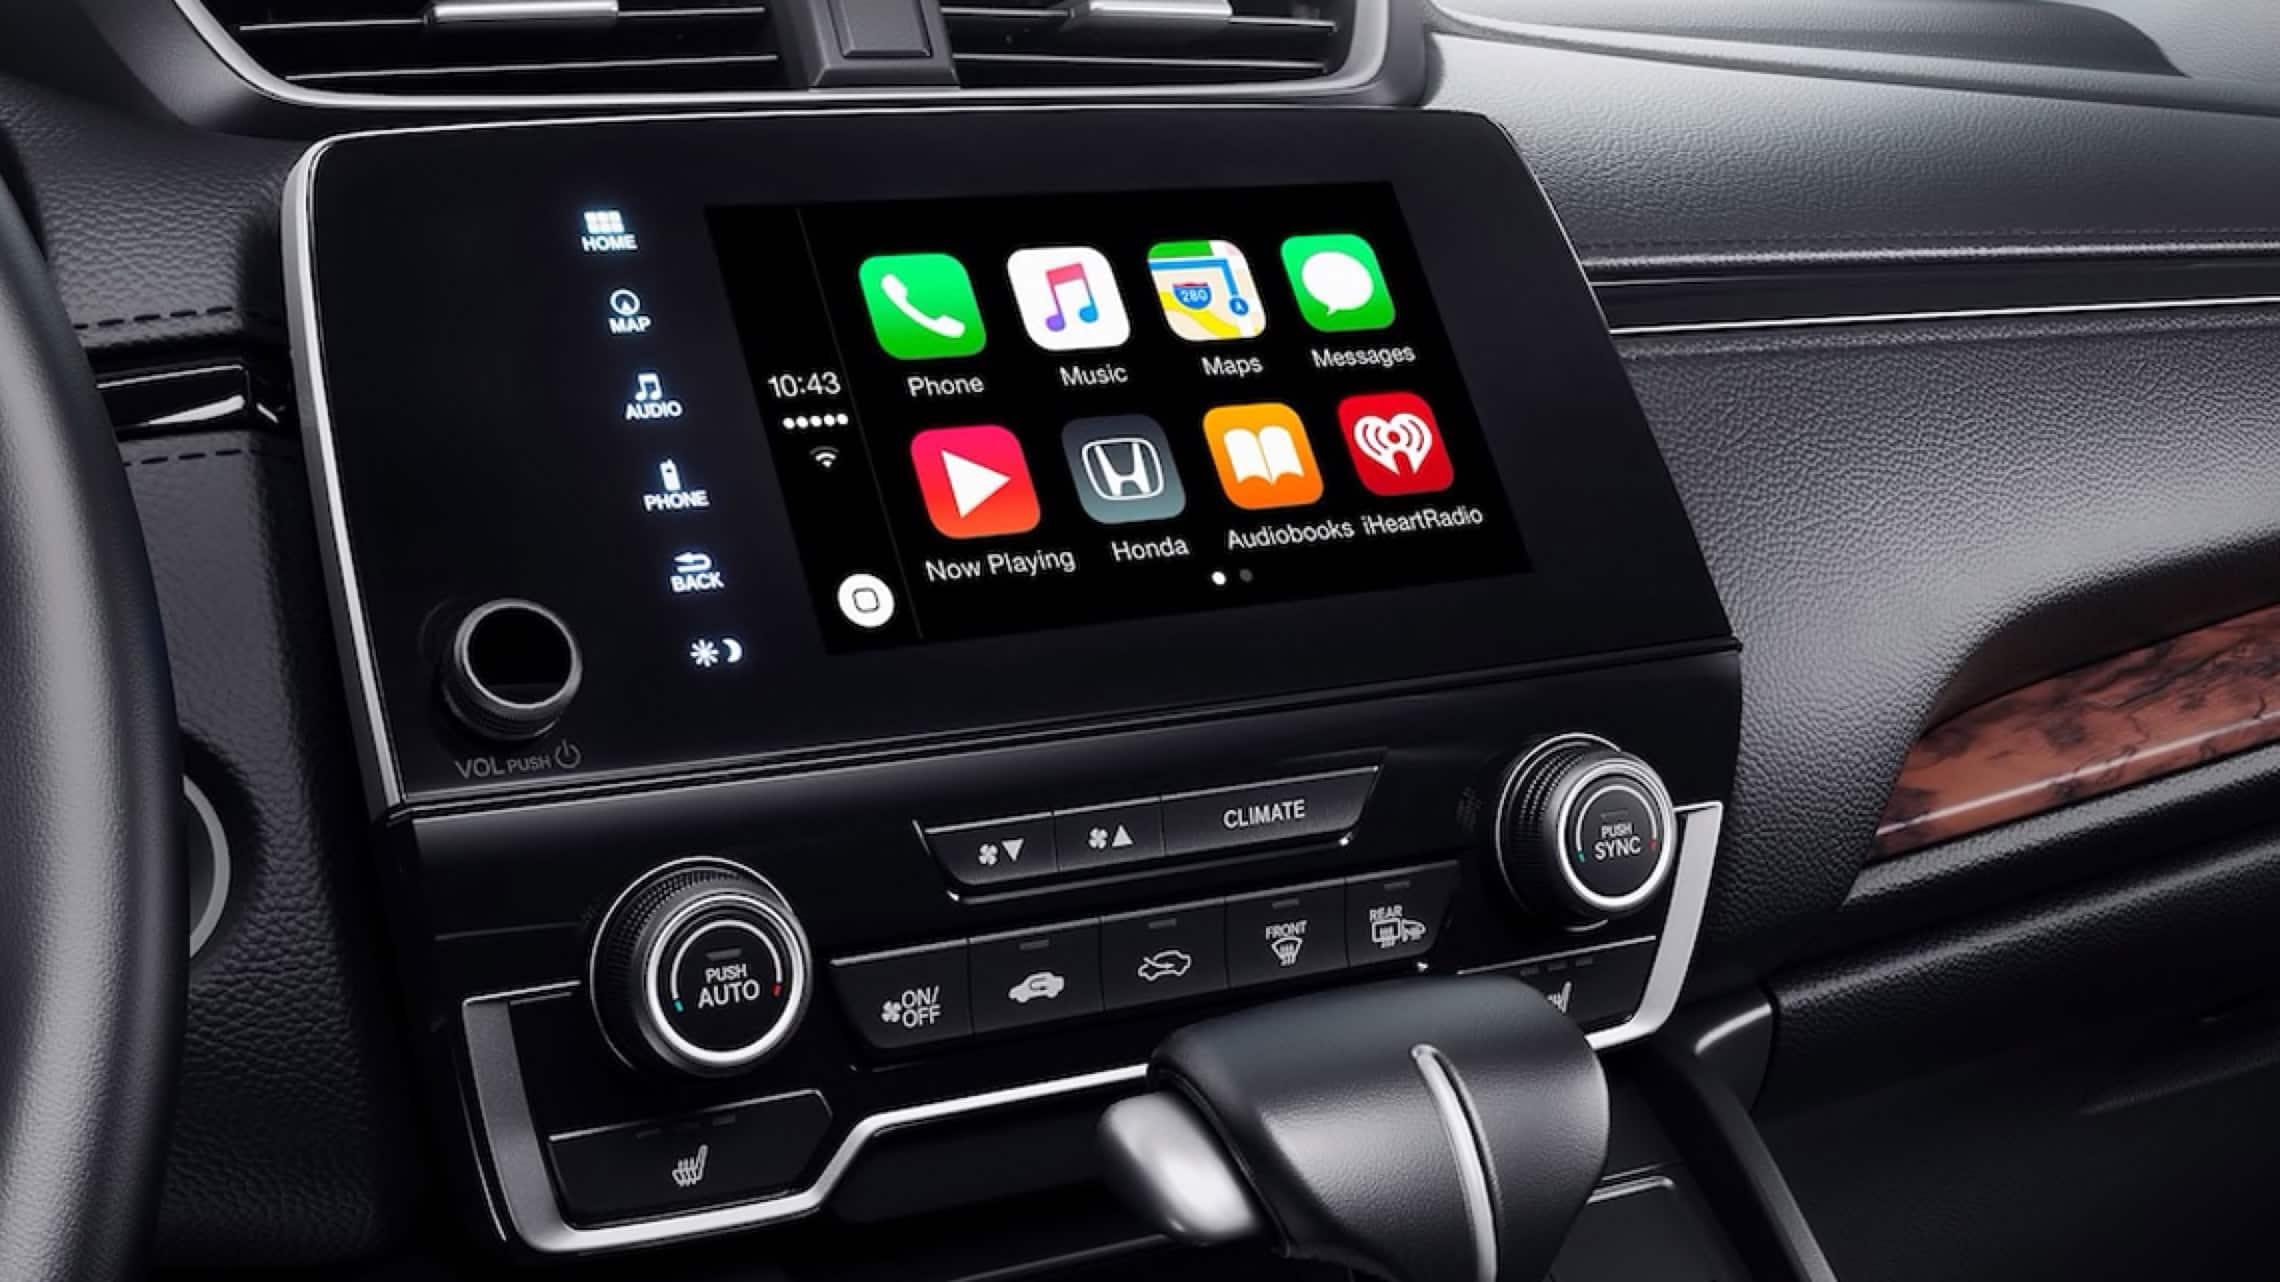 Sistema de audio en pantalla táctil con menú de integración con Apple CarPlay® en la Honda CR-V2019.